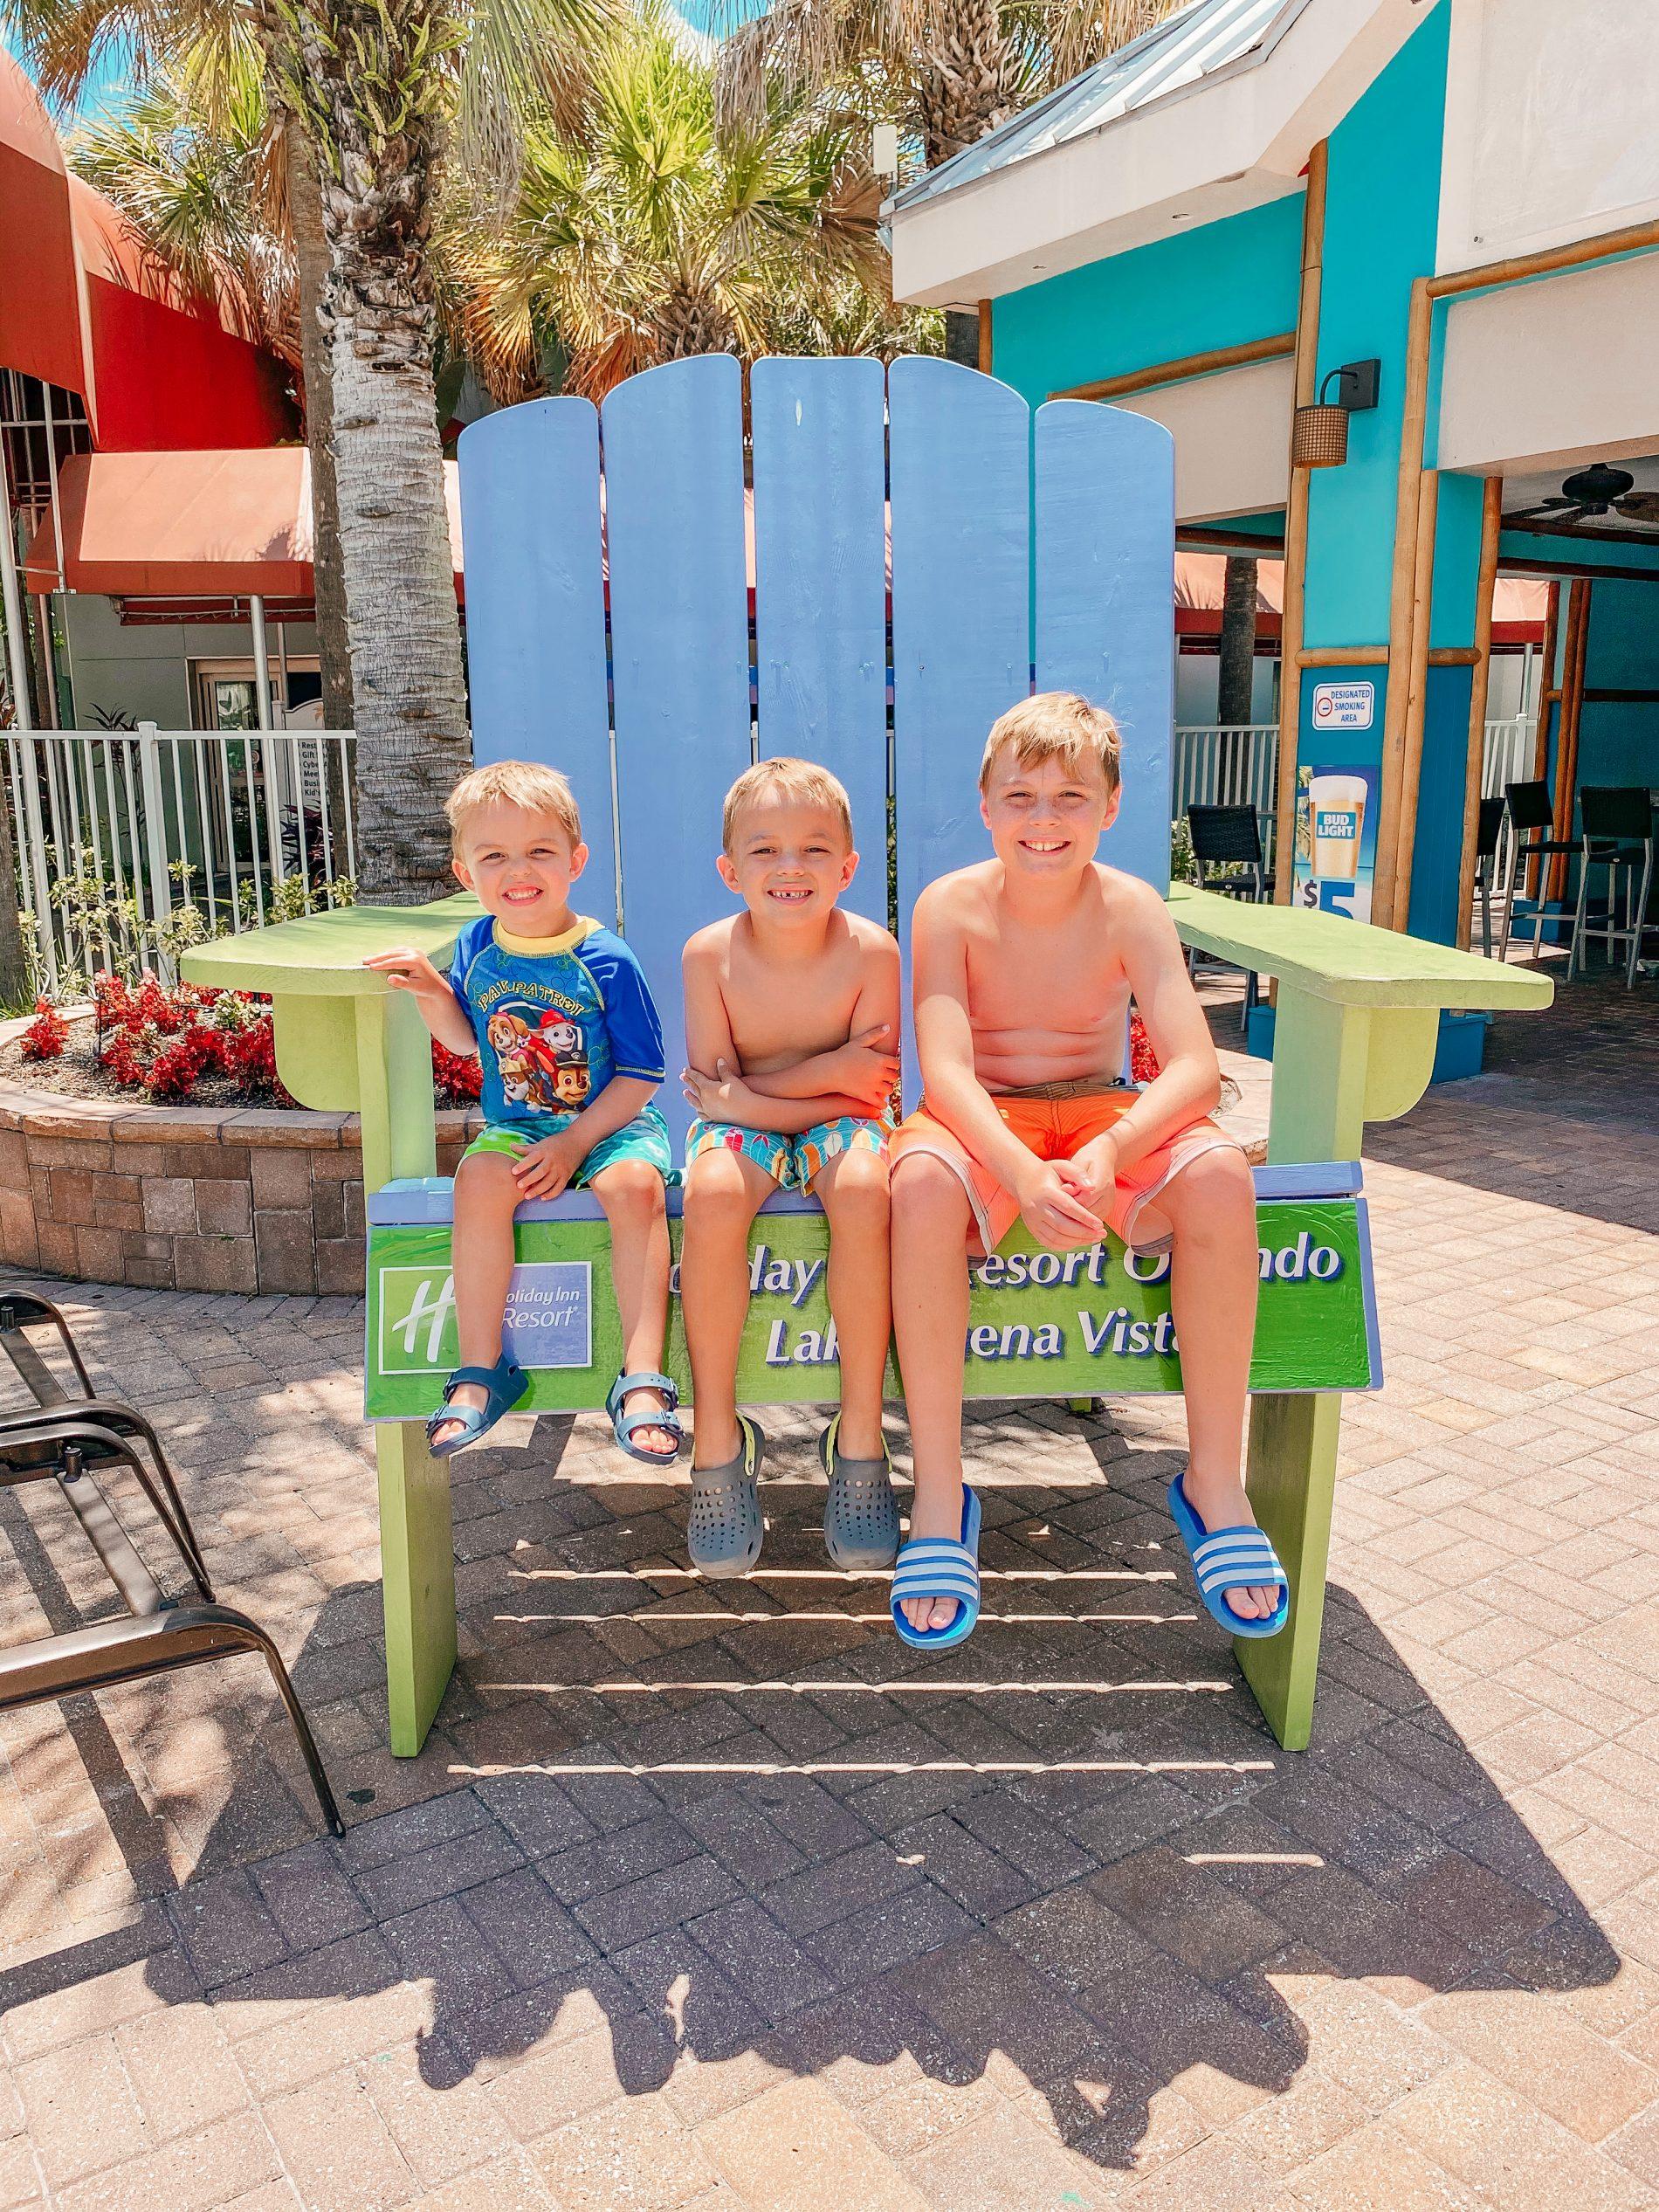 Holiday Inn Resort Orlando